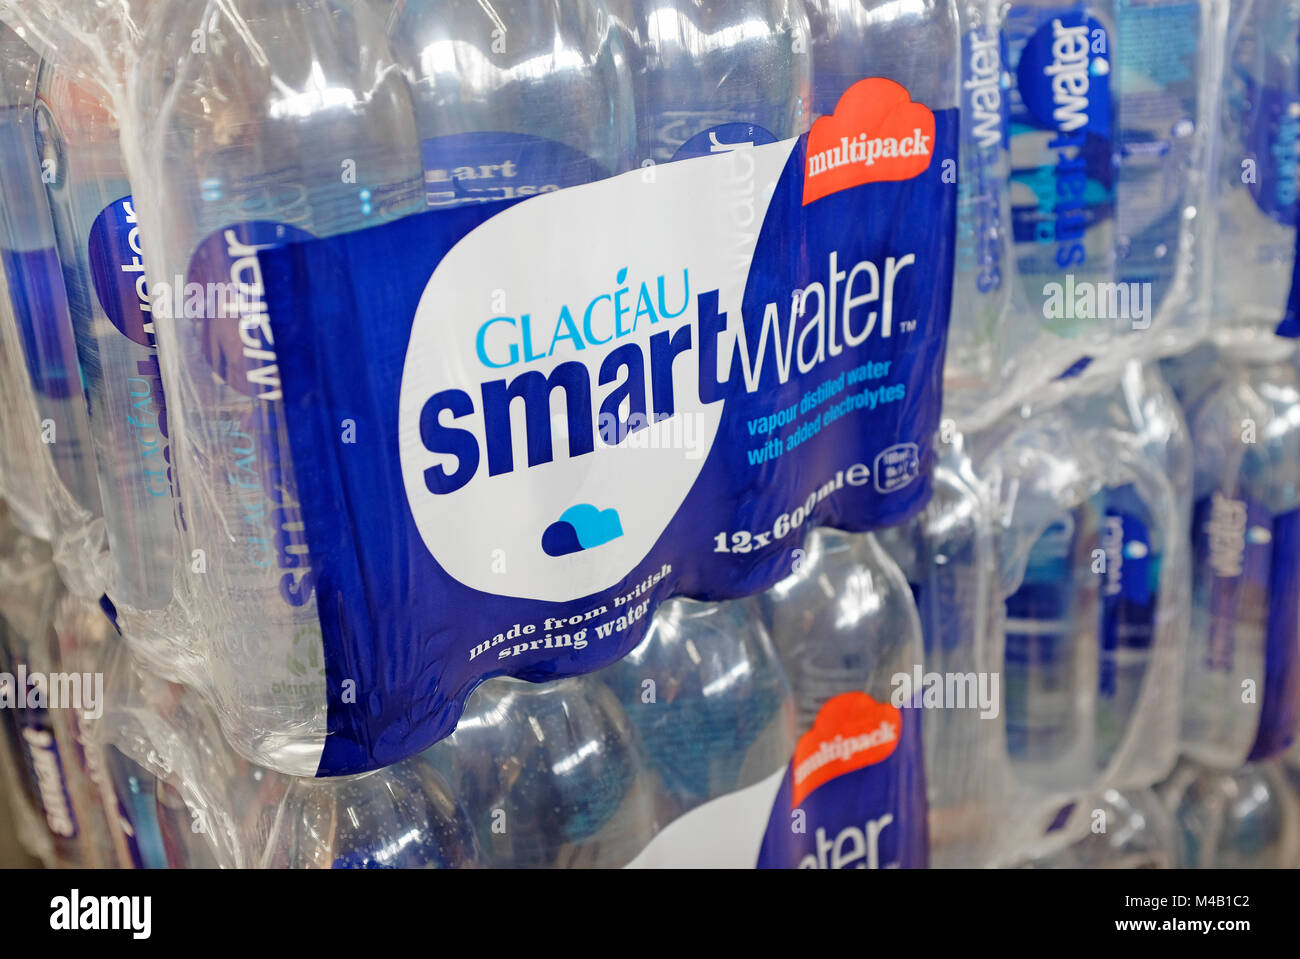 smart water in plastic bottles in supermarket - Stock Image